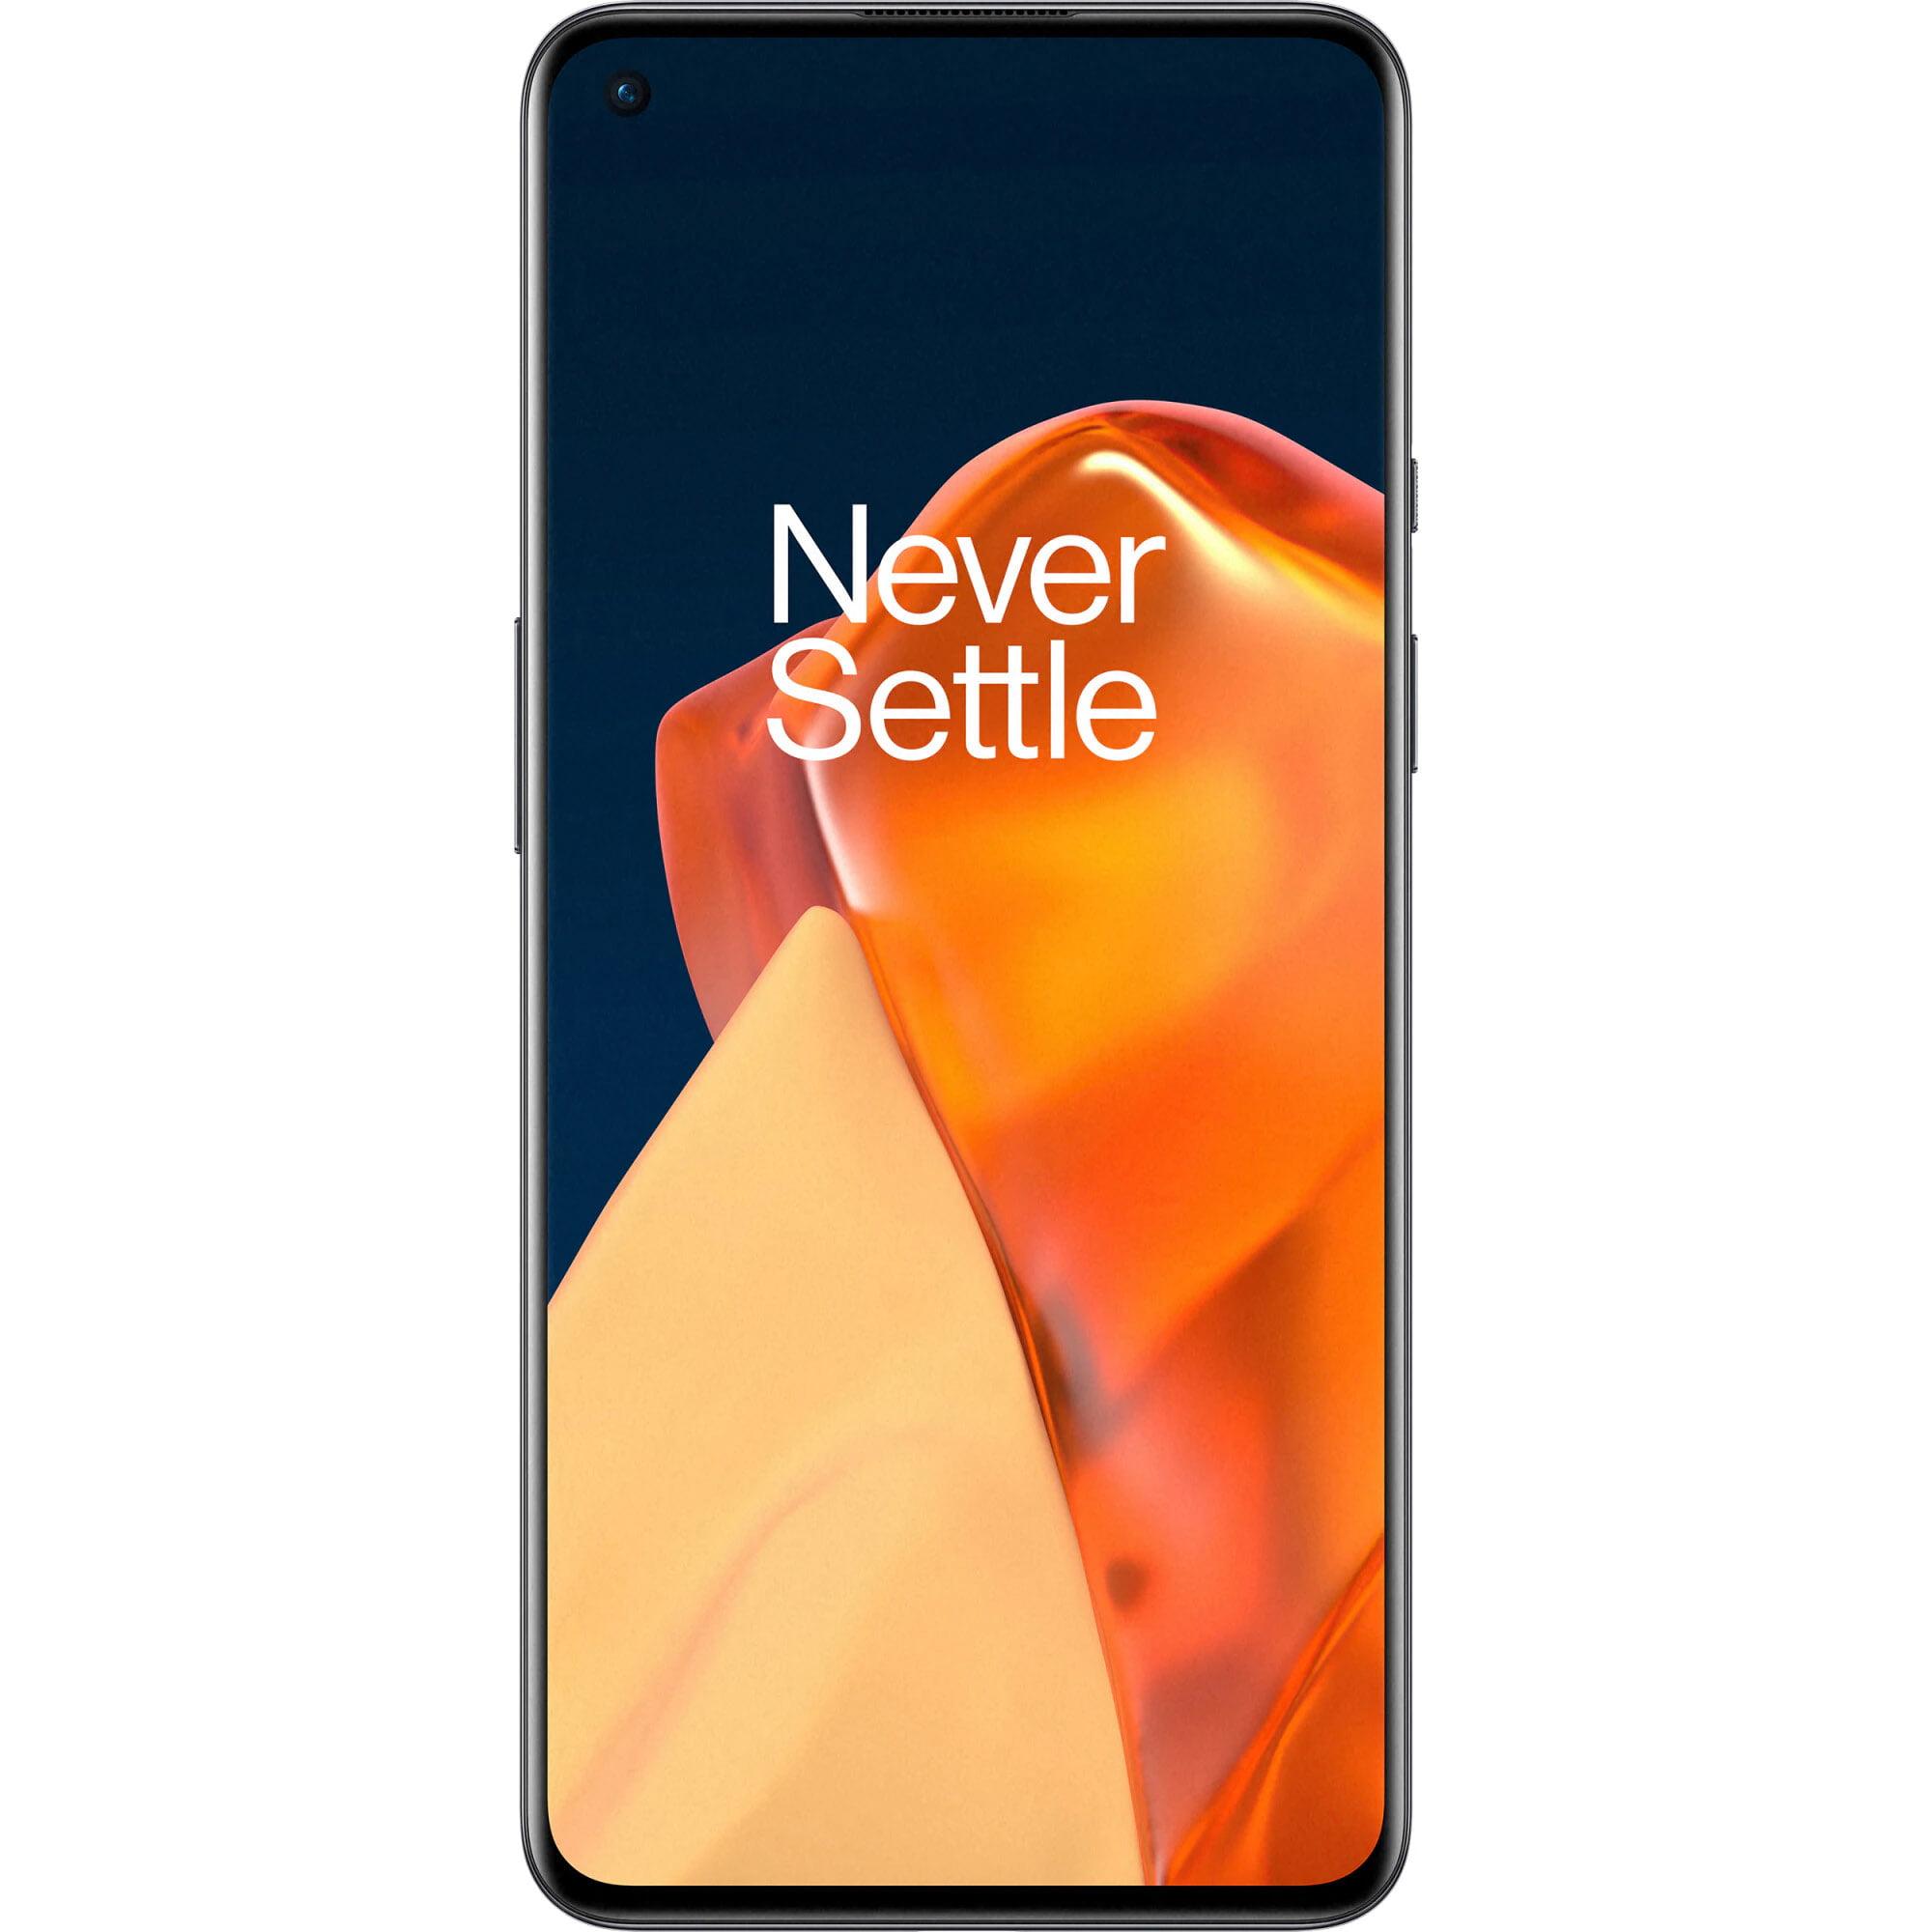 Telefon mobil OnePlus 9, Dual SIM, 256GB, 12GB RAM, 5G, Astral Black